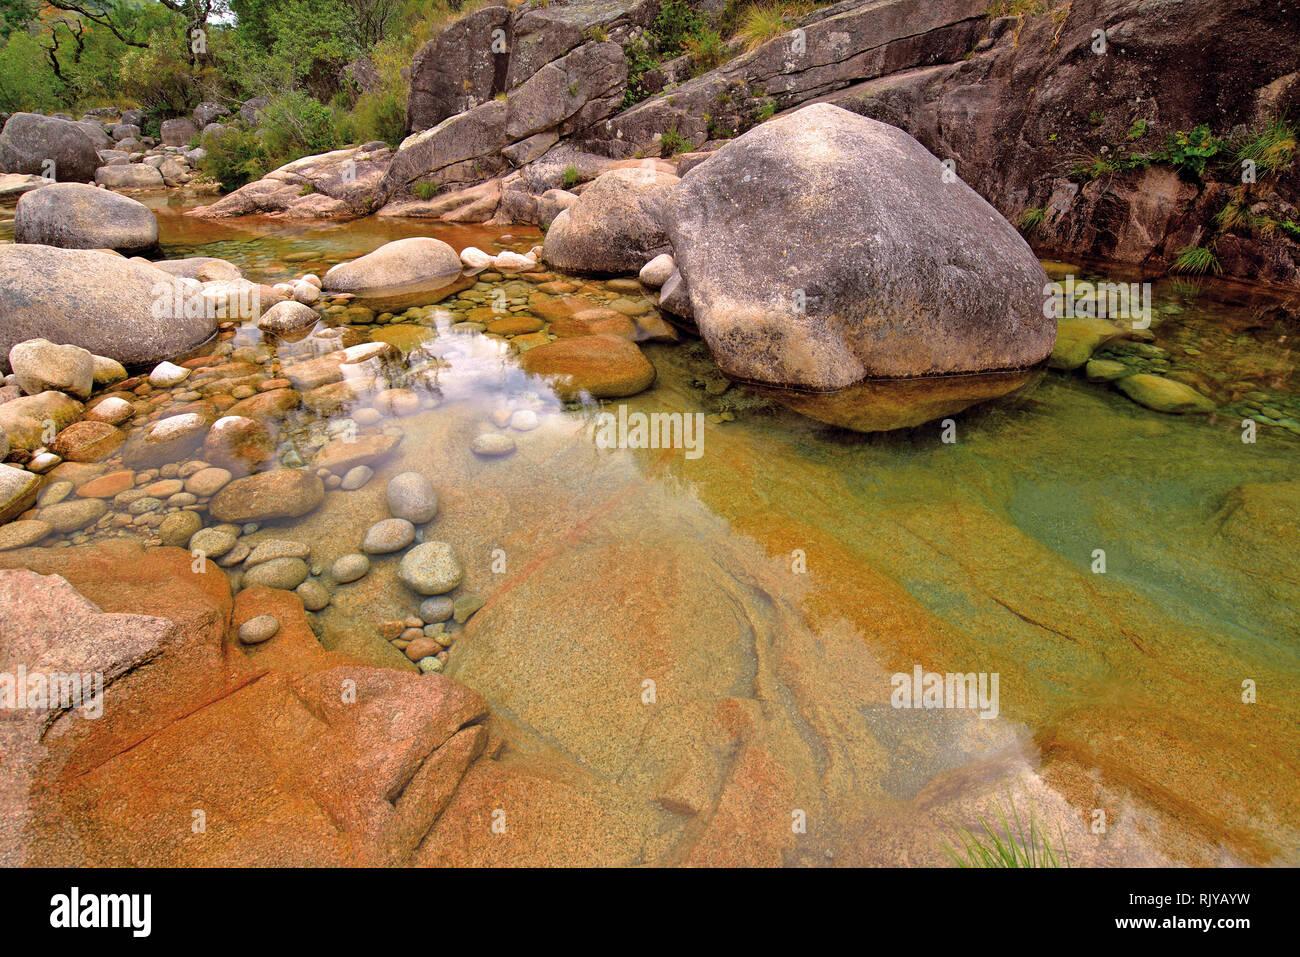 Cristal klarem Wasser und riesige Felsen in eine wilde Schlucht im Berggebiet Stockfoto